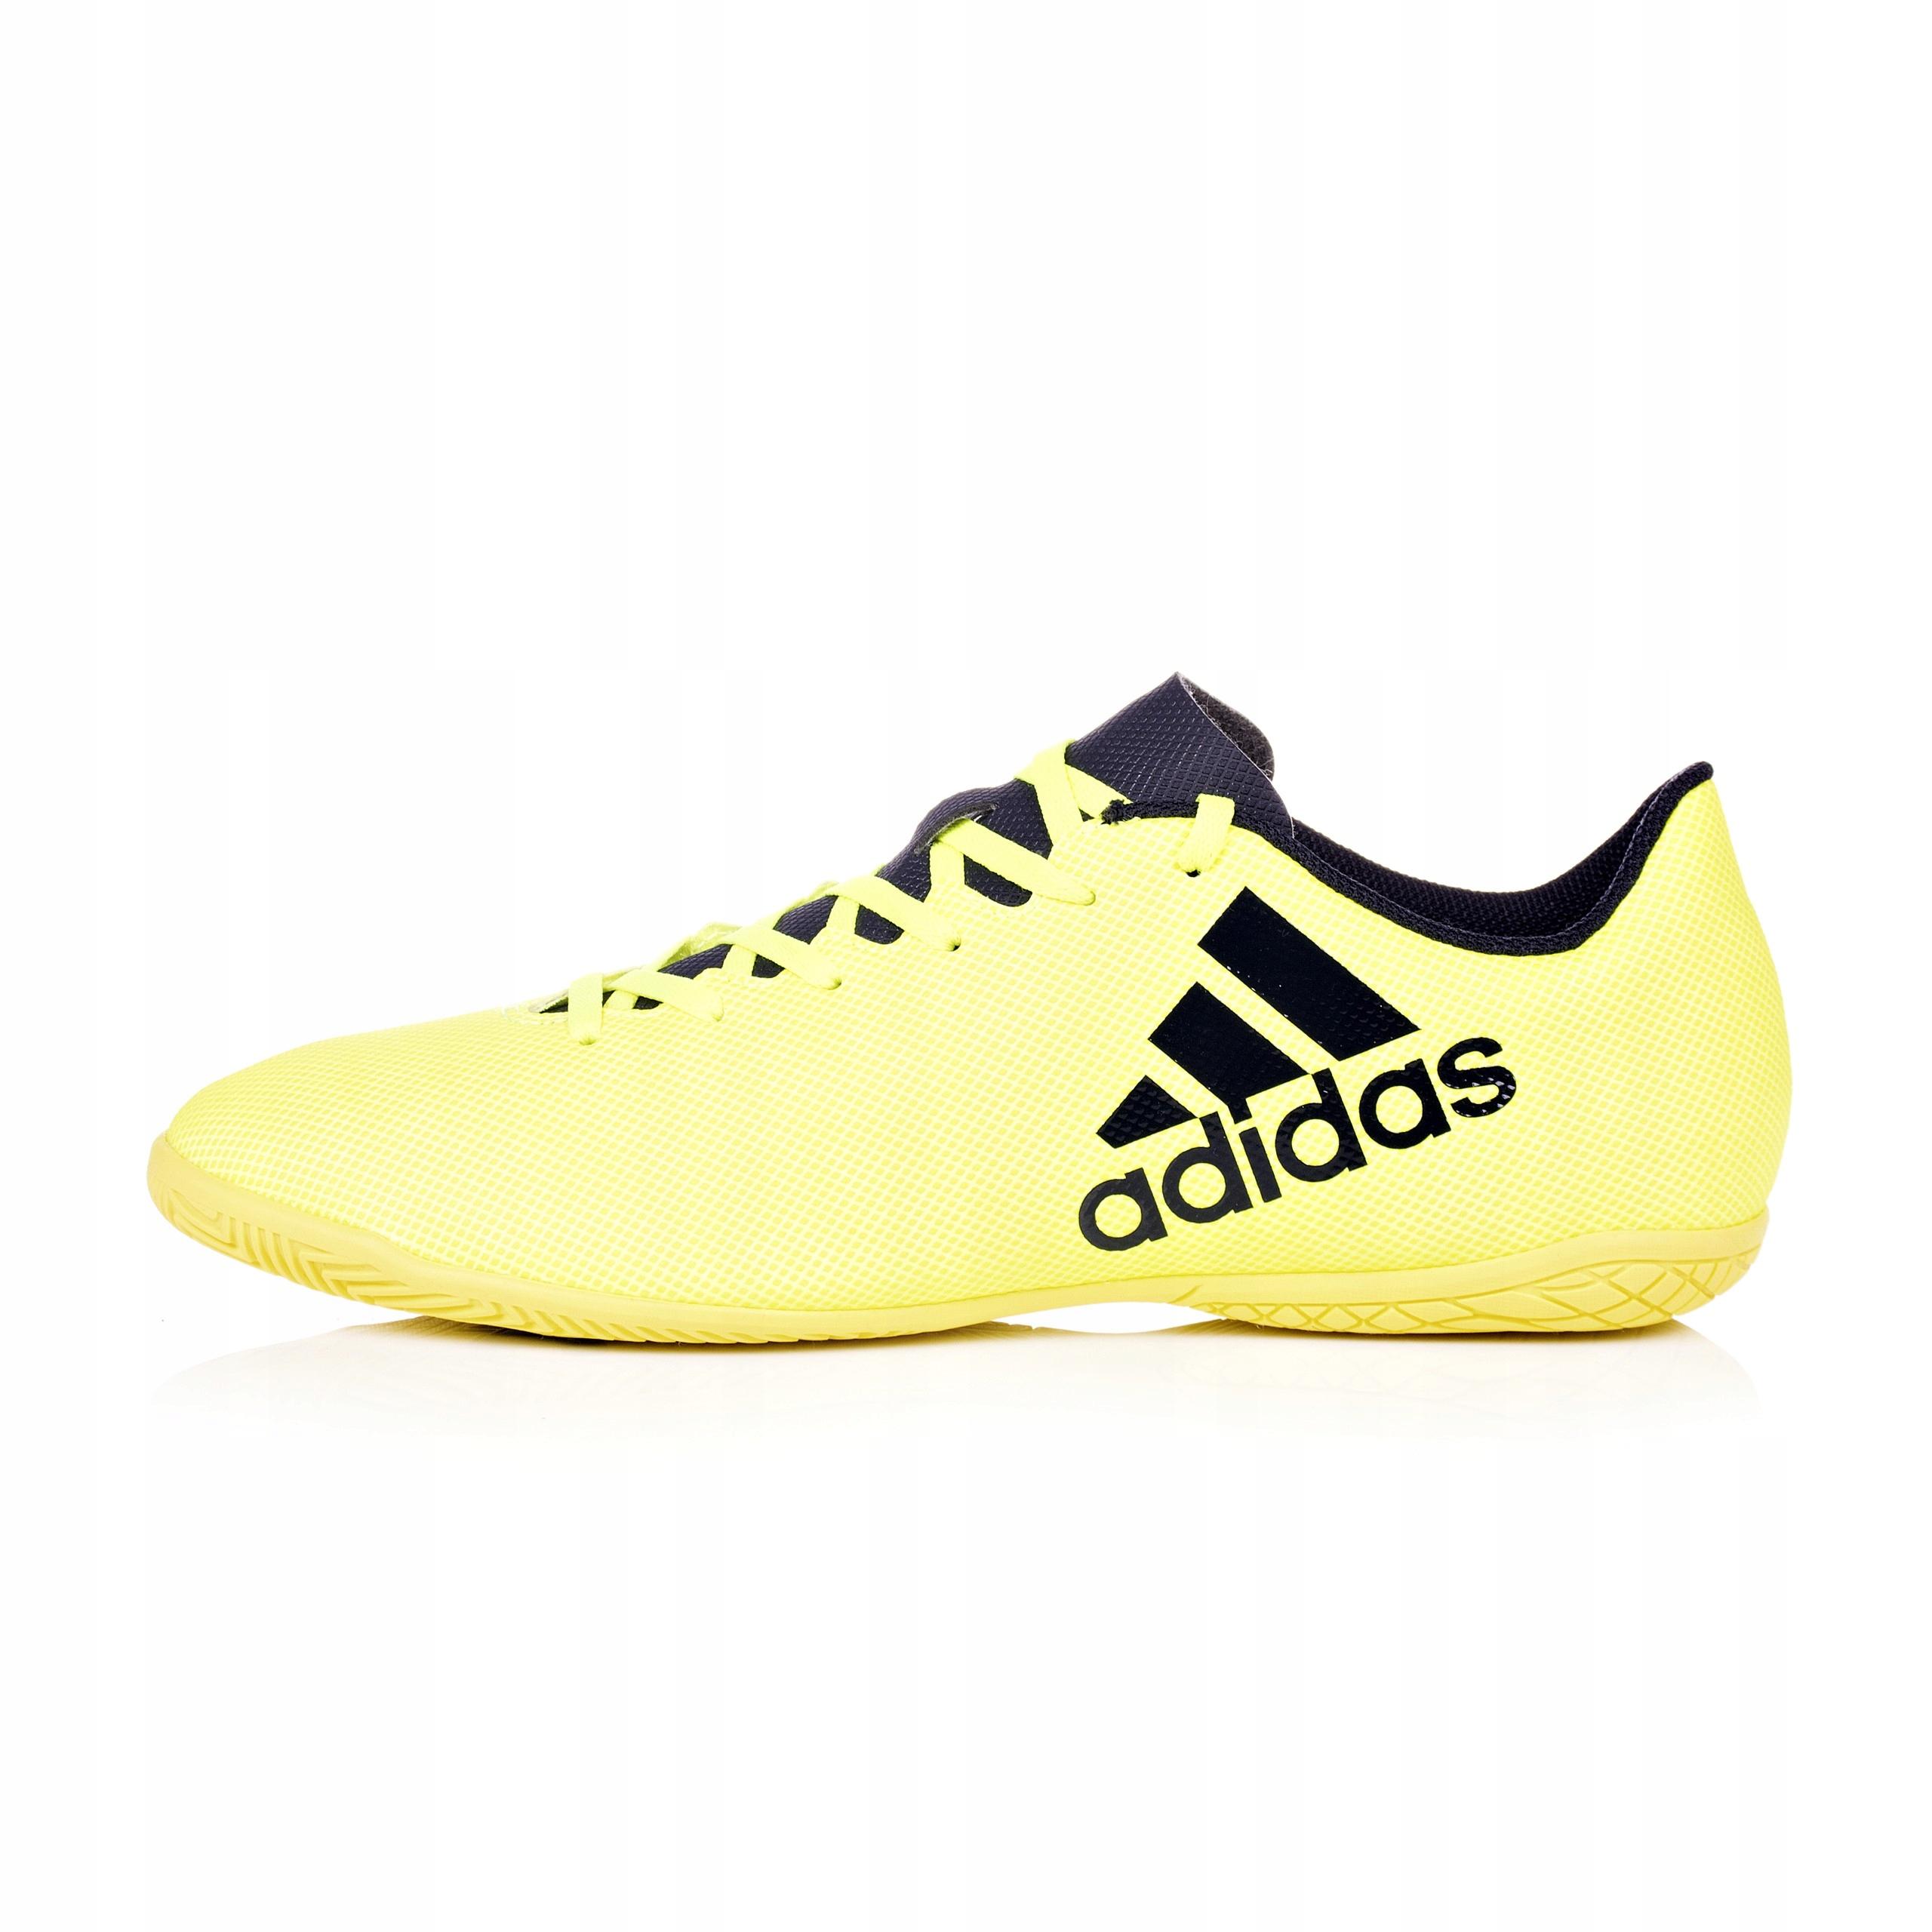 Buty piłkarskie halówki adidas X 17.4 żółte S82407